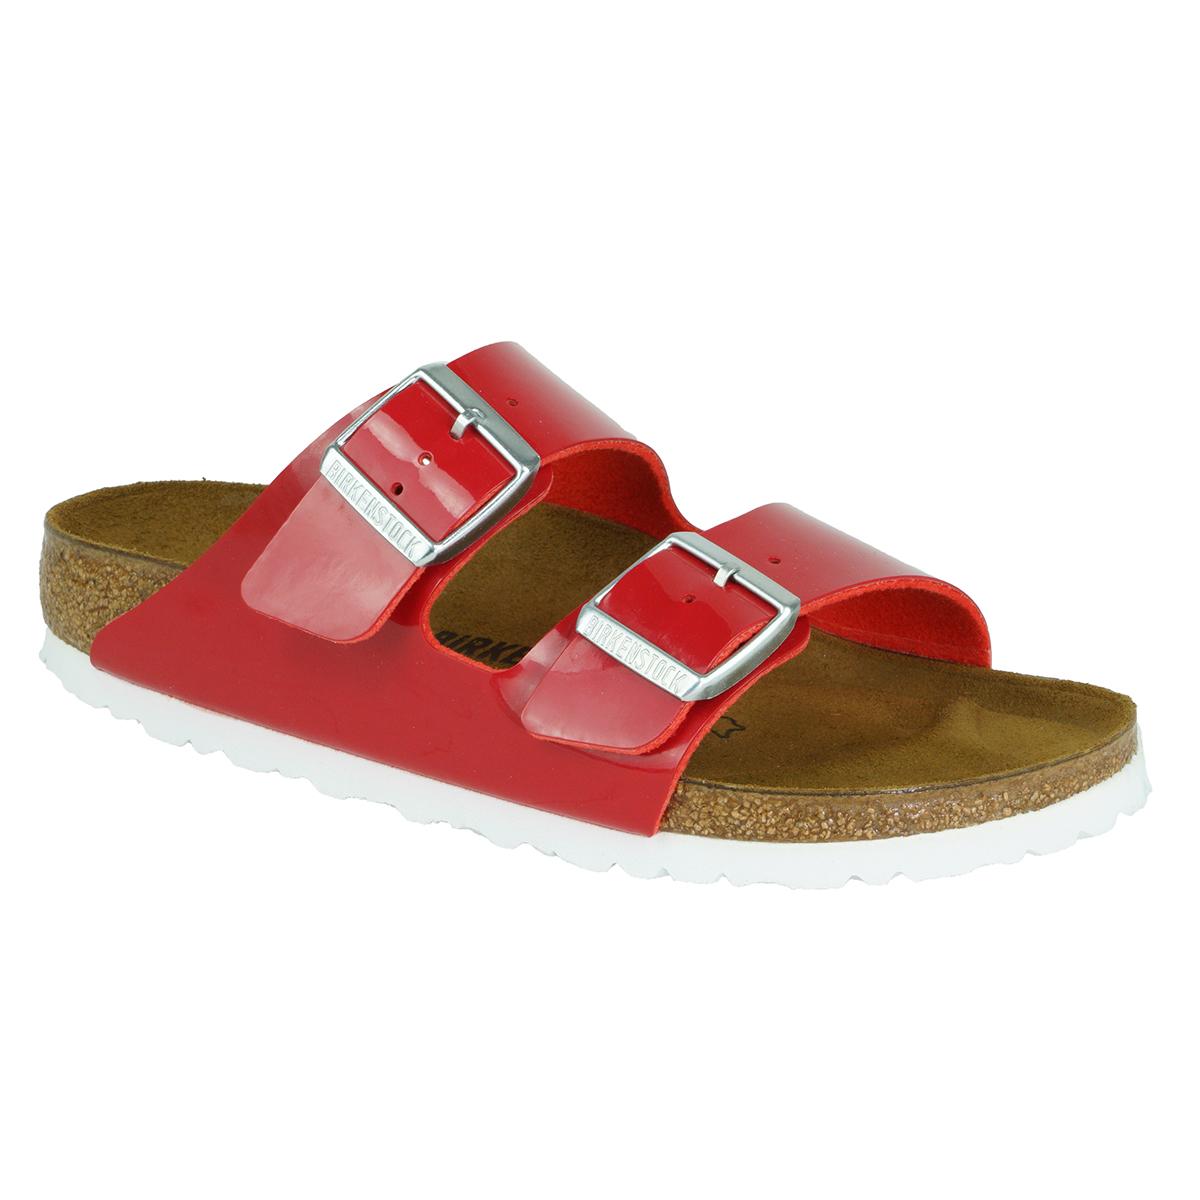 0bcffaa954d Birkenstock Arizona Birko-Flor Sandals Tango Red Patent 37 ...